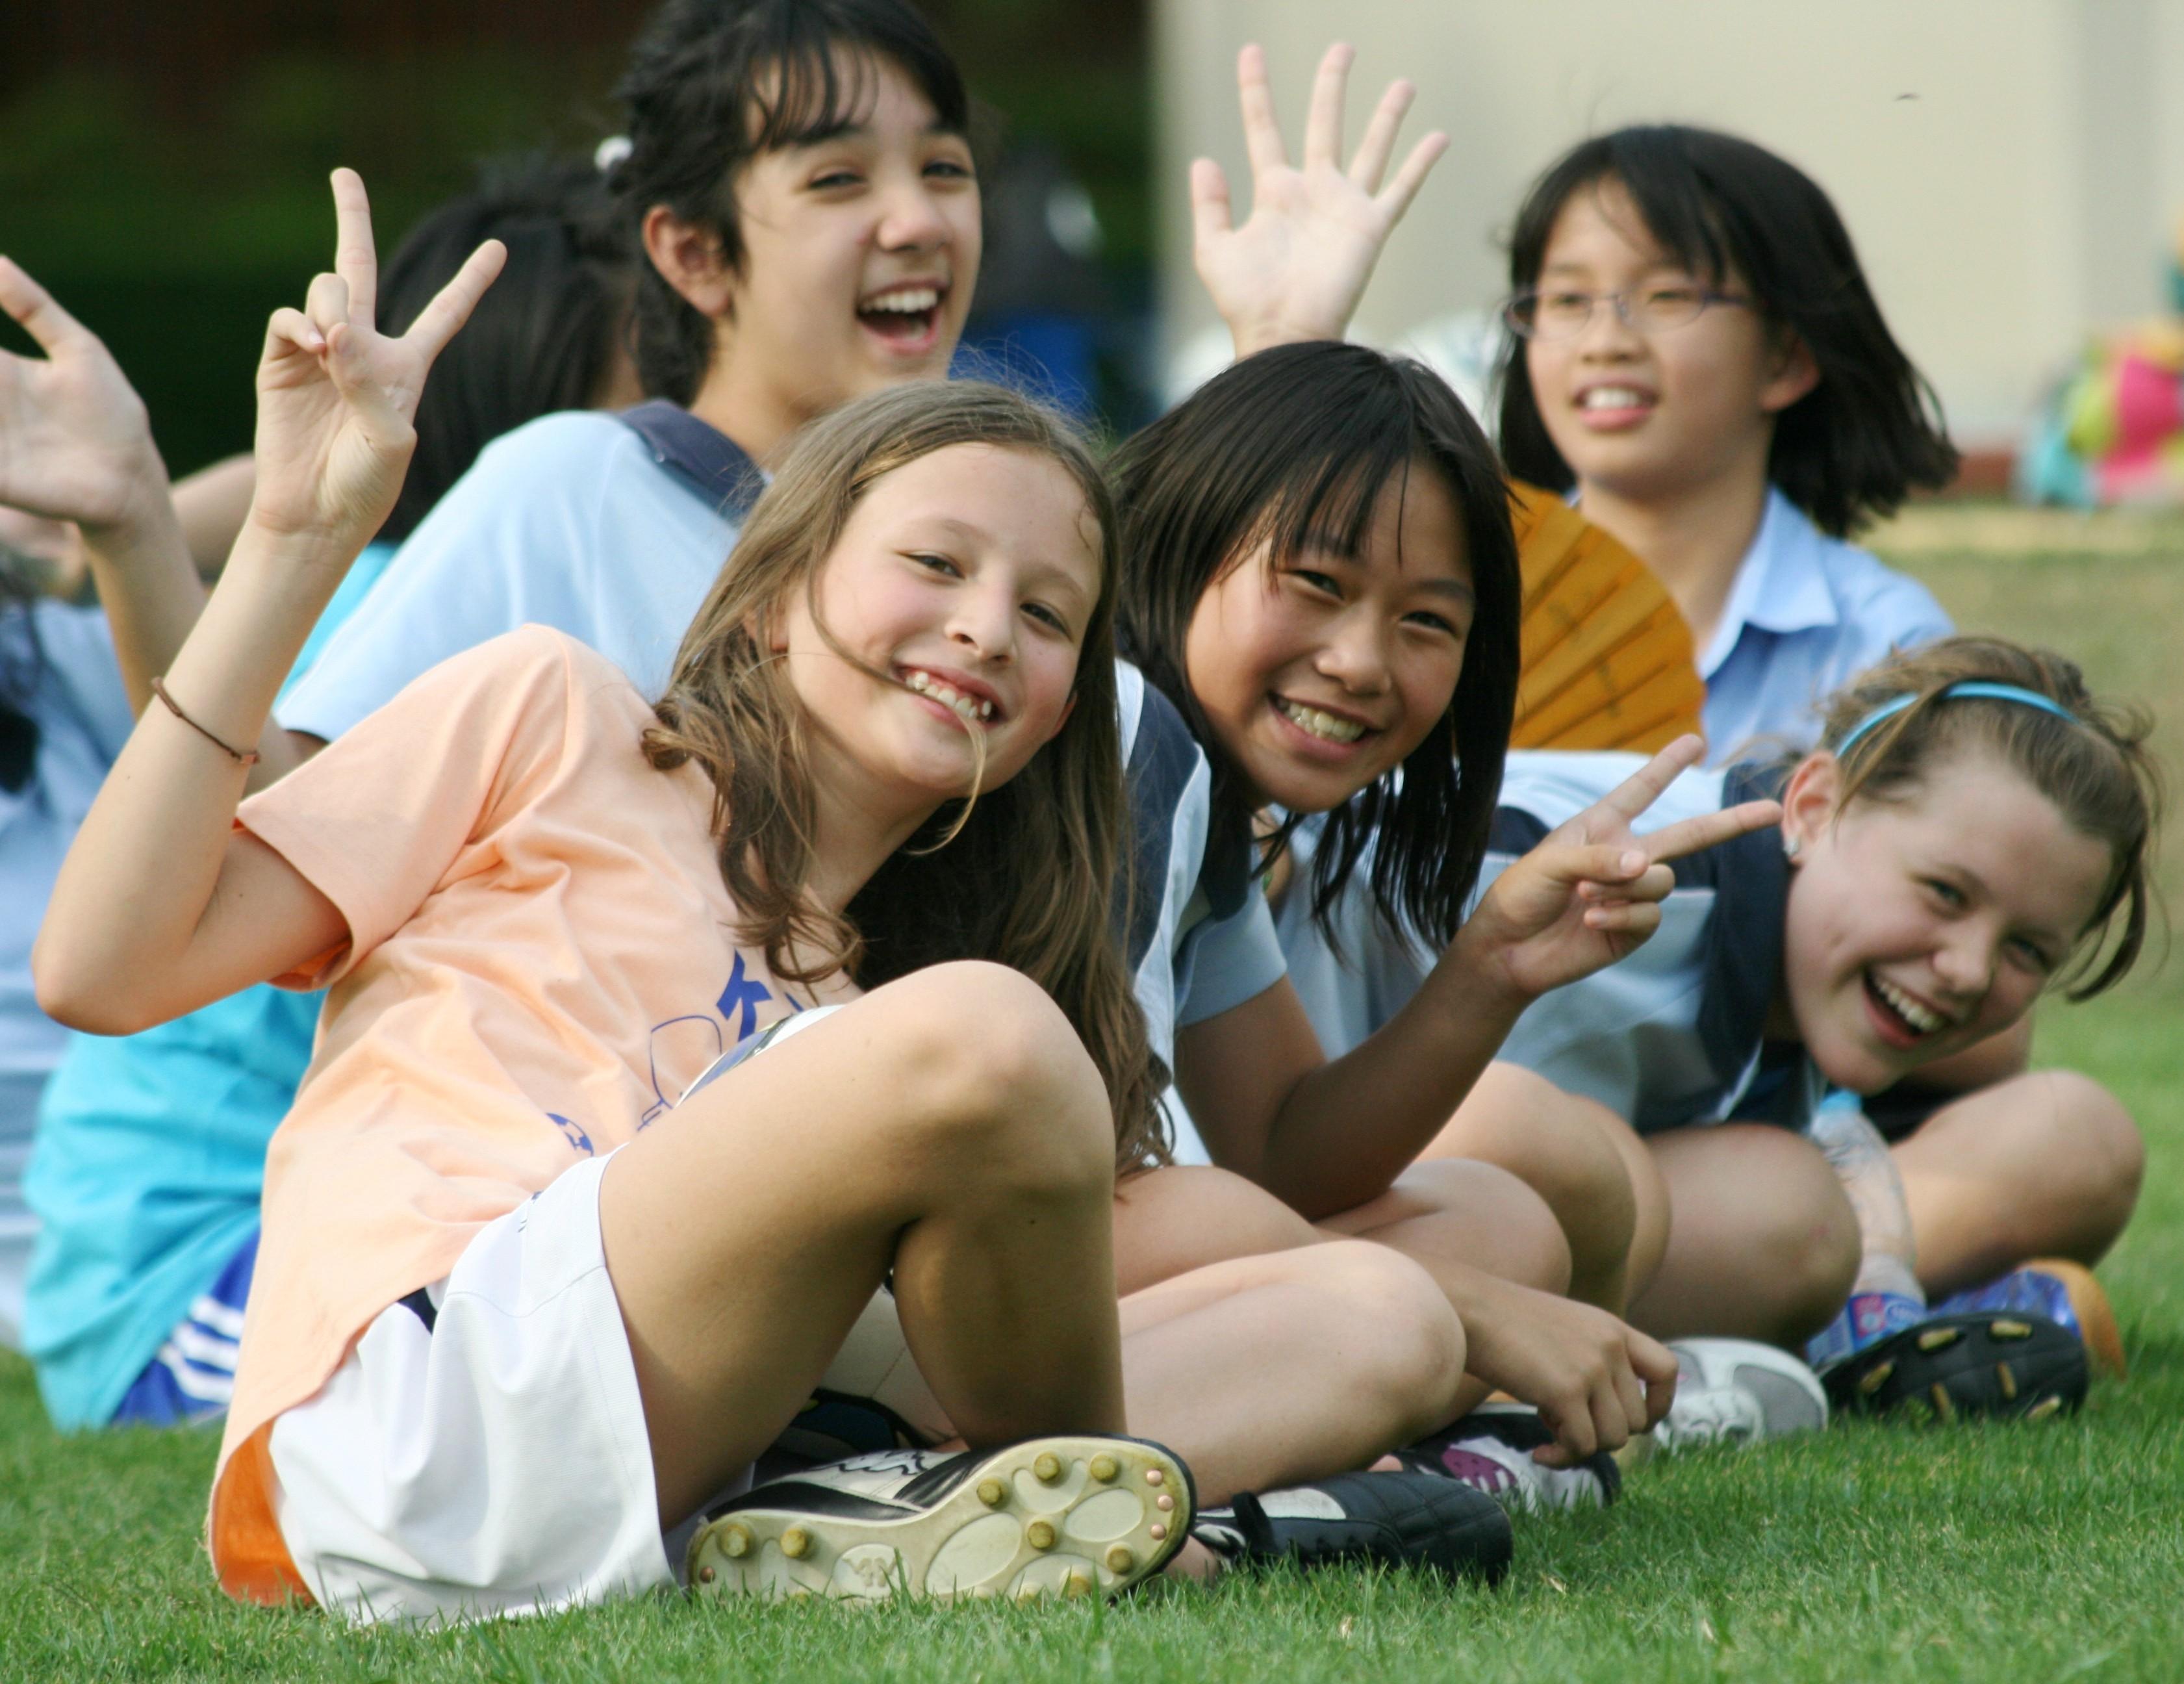 用中国考试技巧教美国孩子,7EDU 想颠覆美国精英